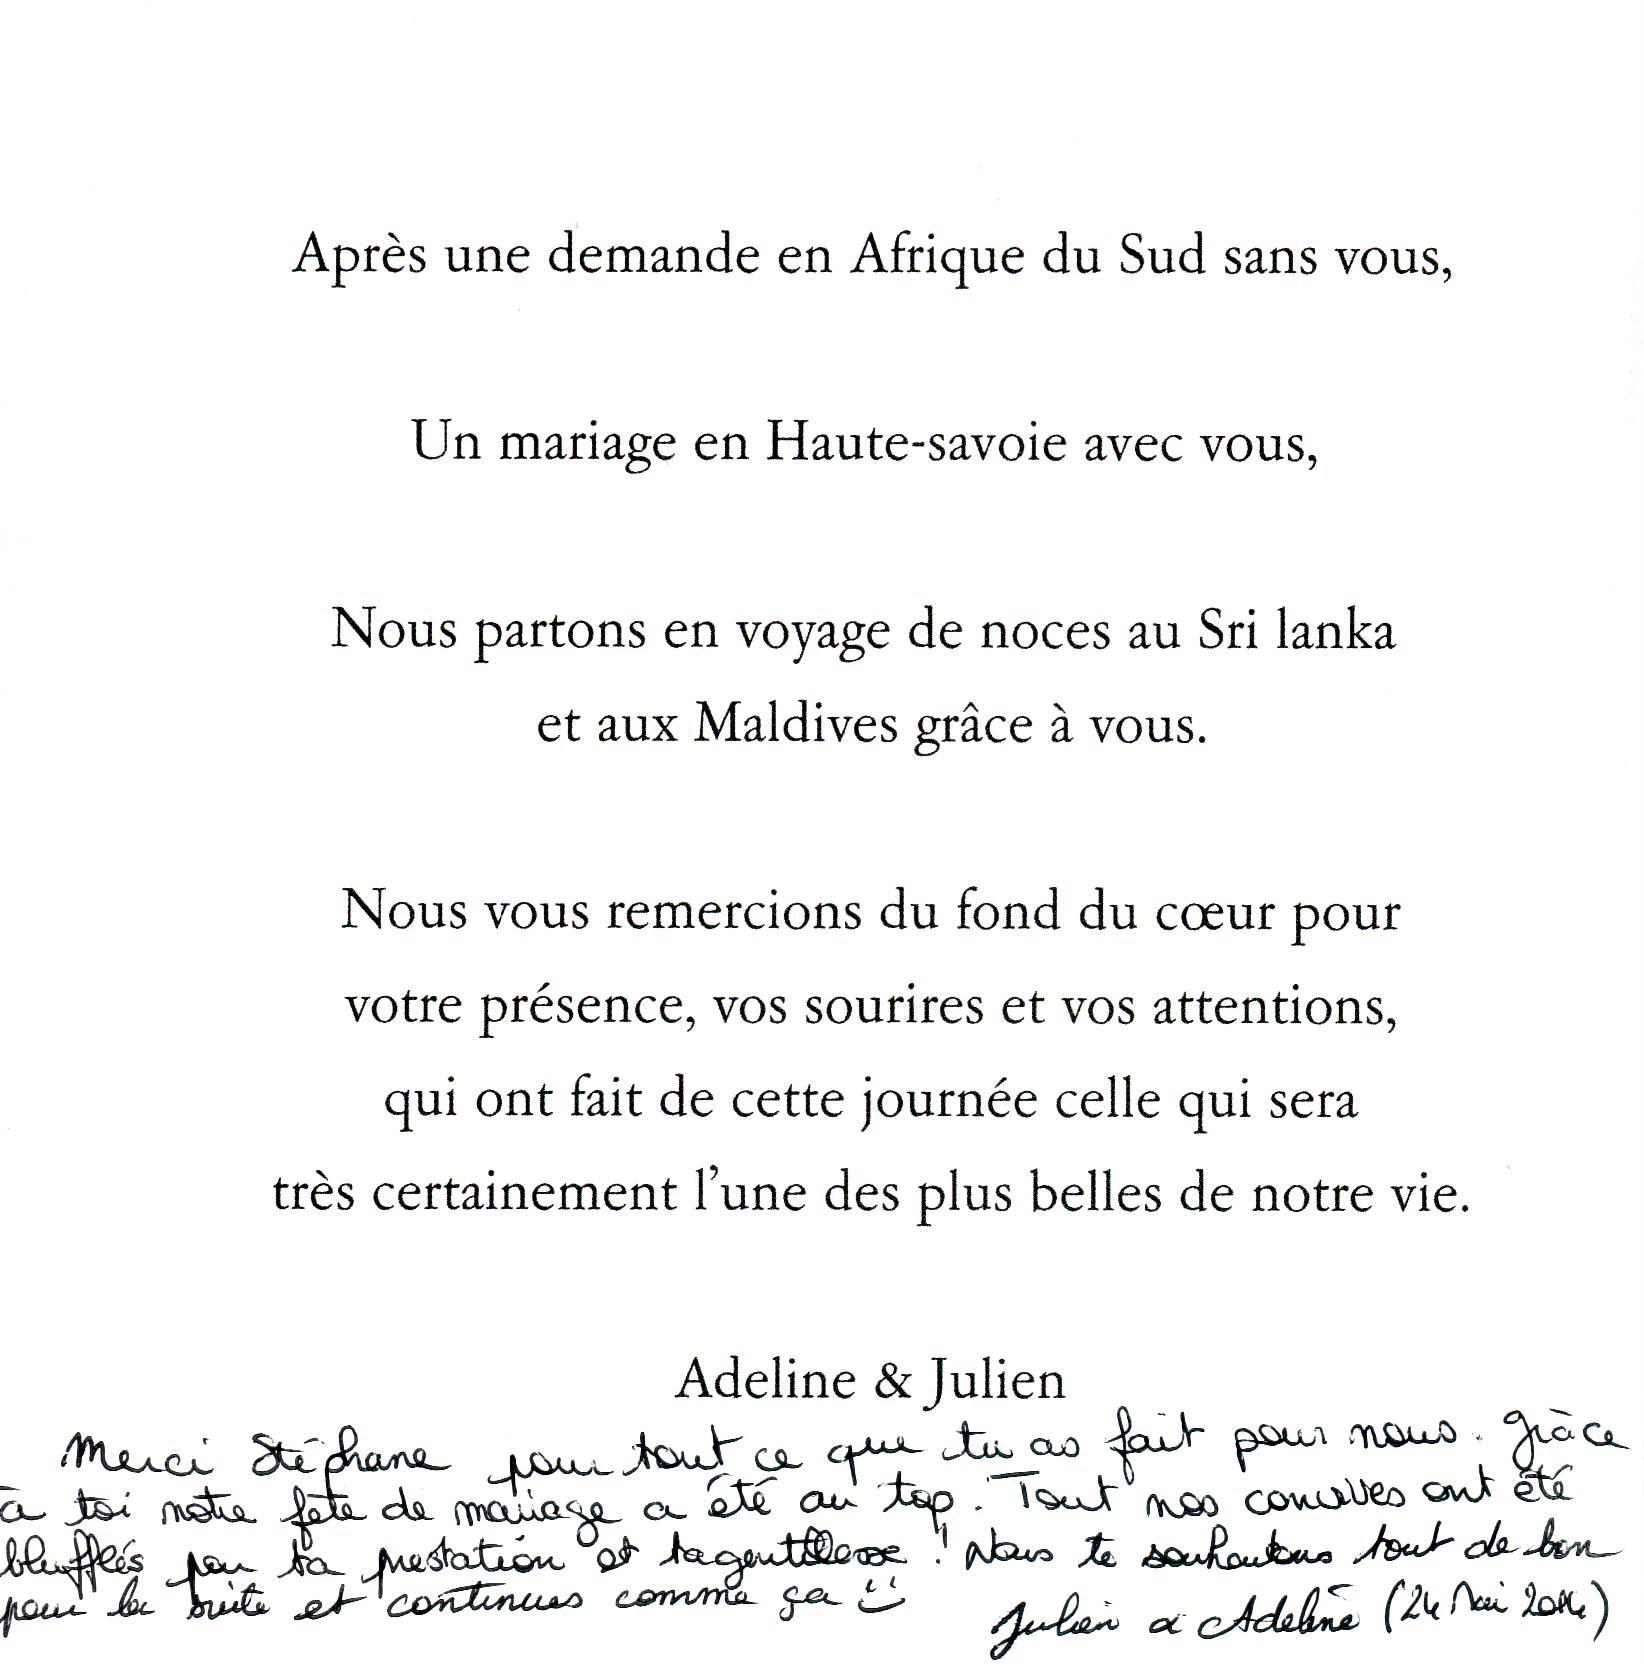 Mariage CHORIER Julien & Adeline (La Muraz) (24-05-2014) 2.JPG